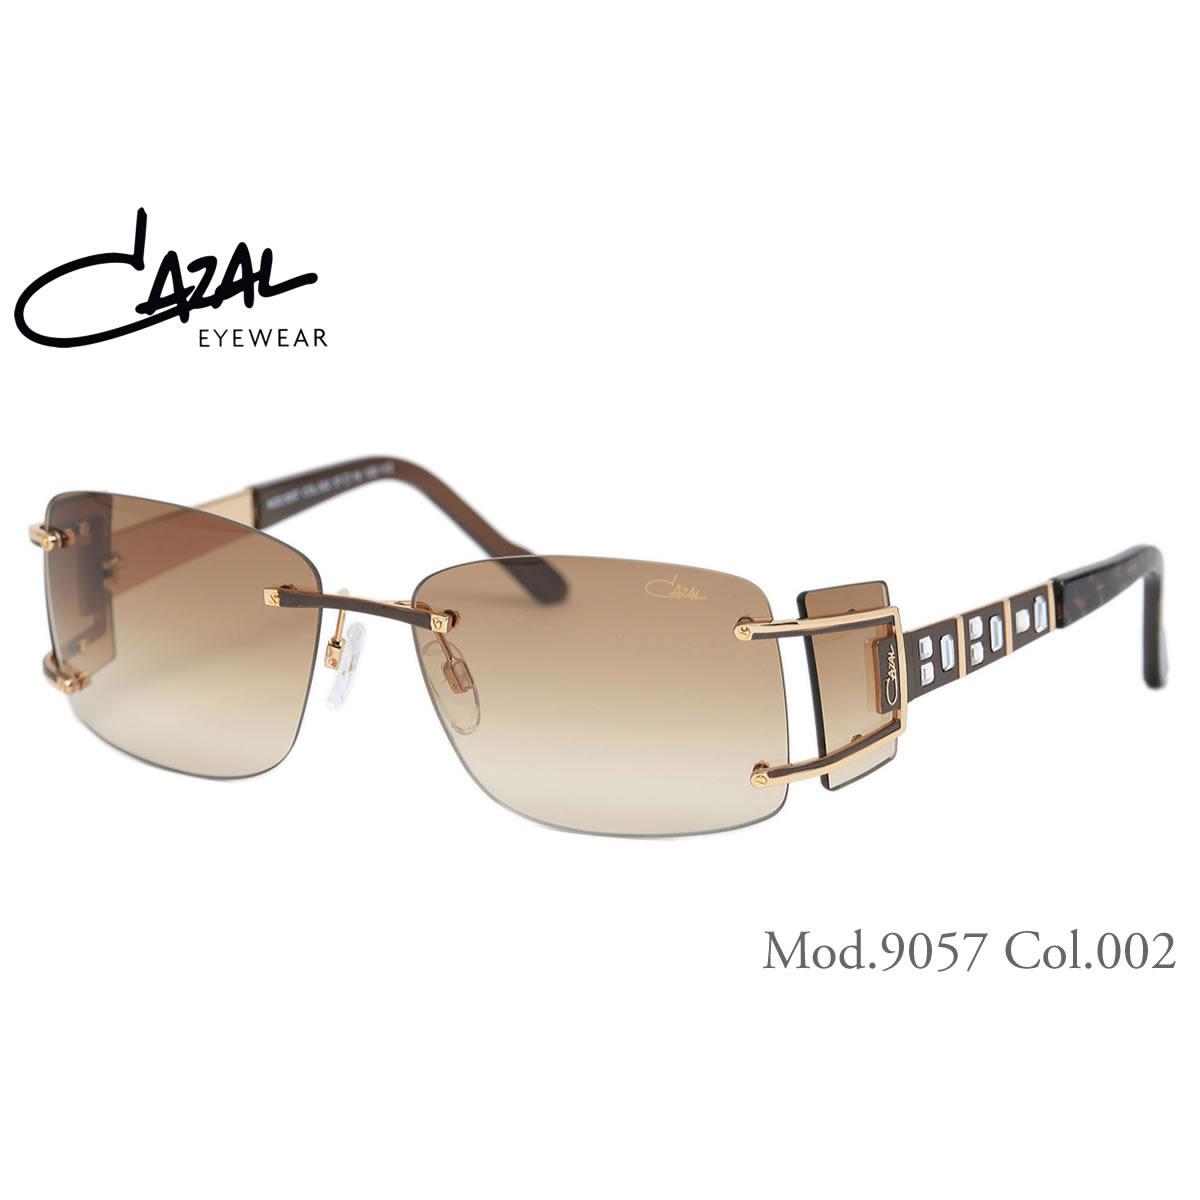 CAZAL カザール サングラス 9057 002 57サイズ CAZAL メンズ レディース